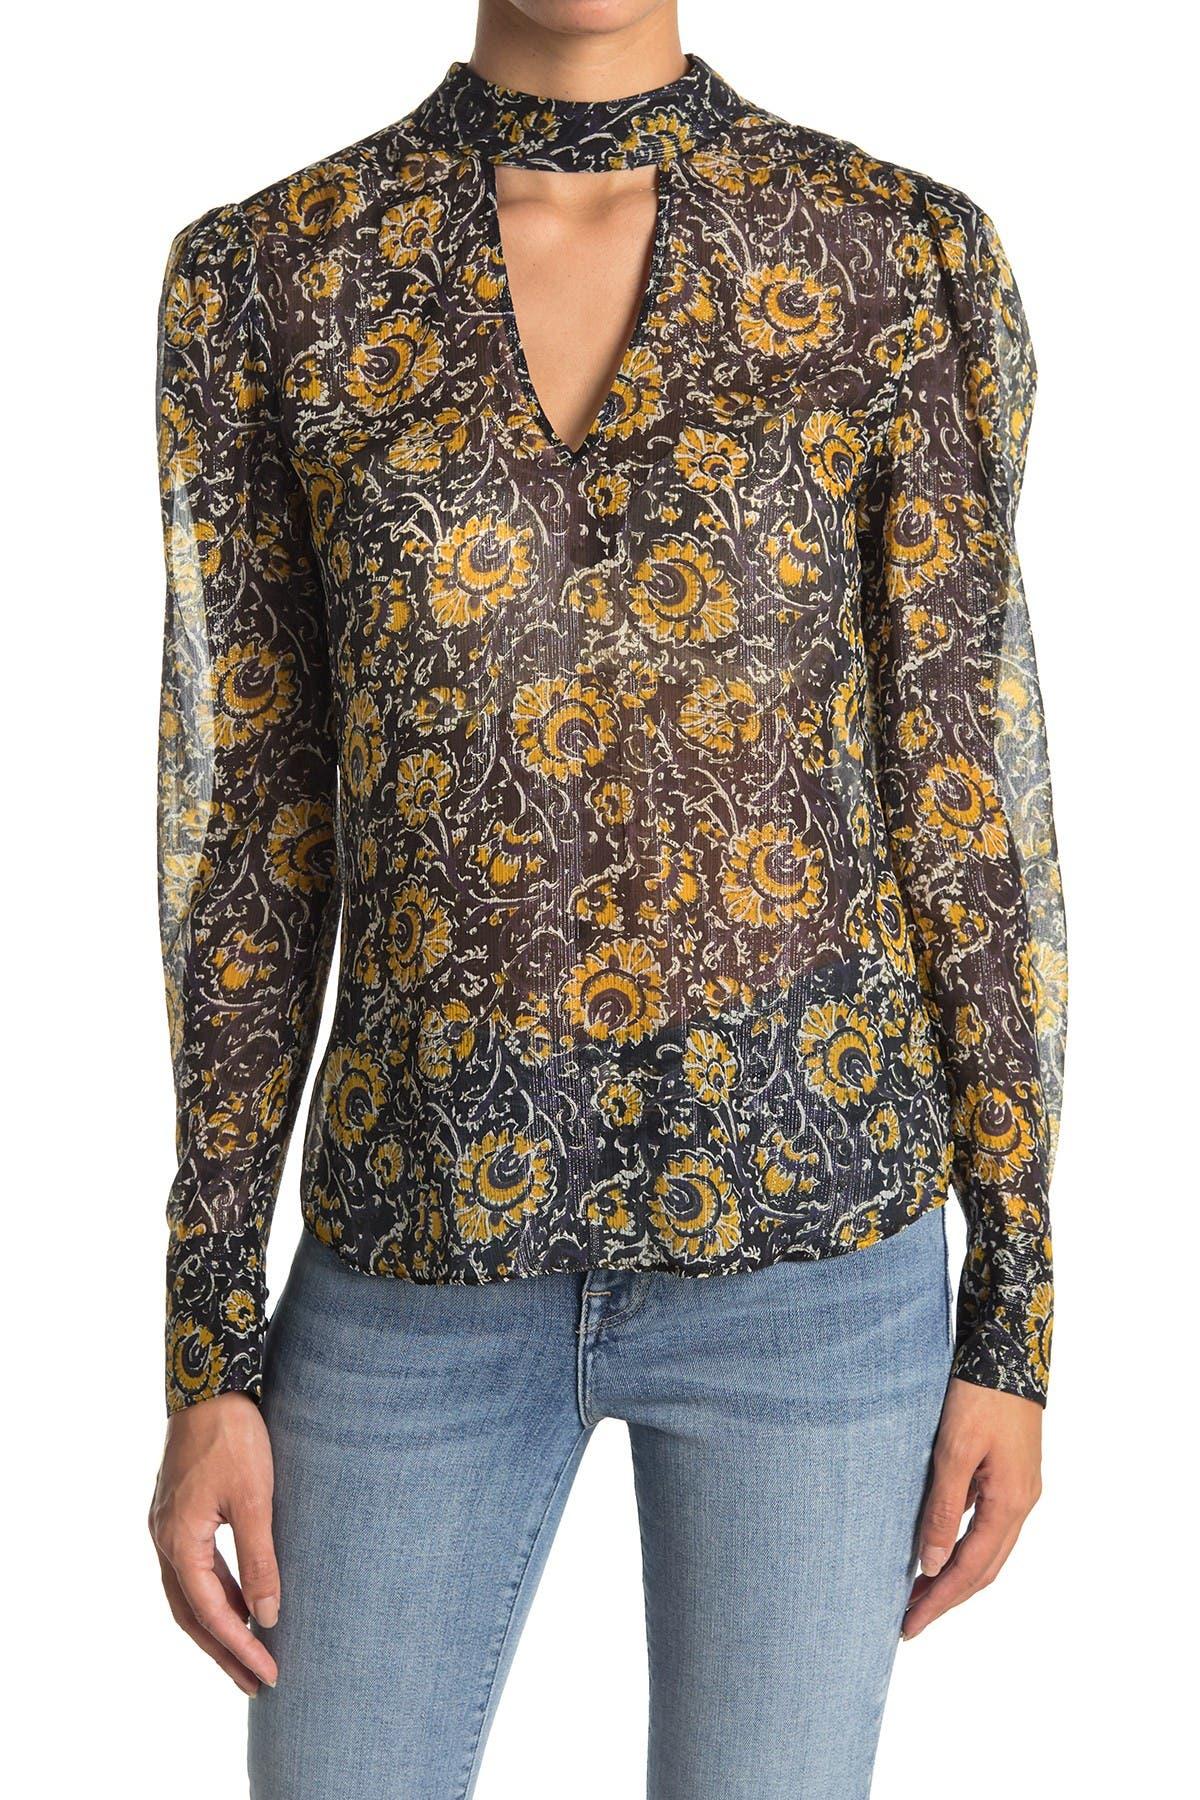 Image of VERONICA BEARD Wade Paisley Silk Blend Keyhole Blouse